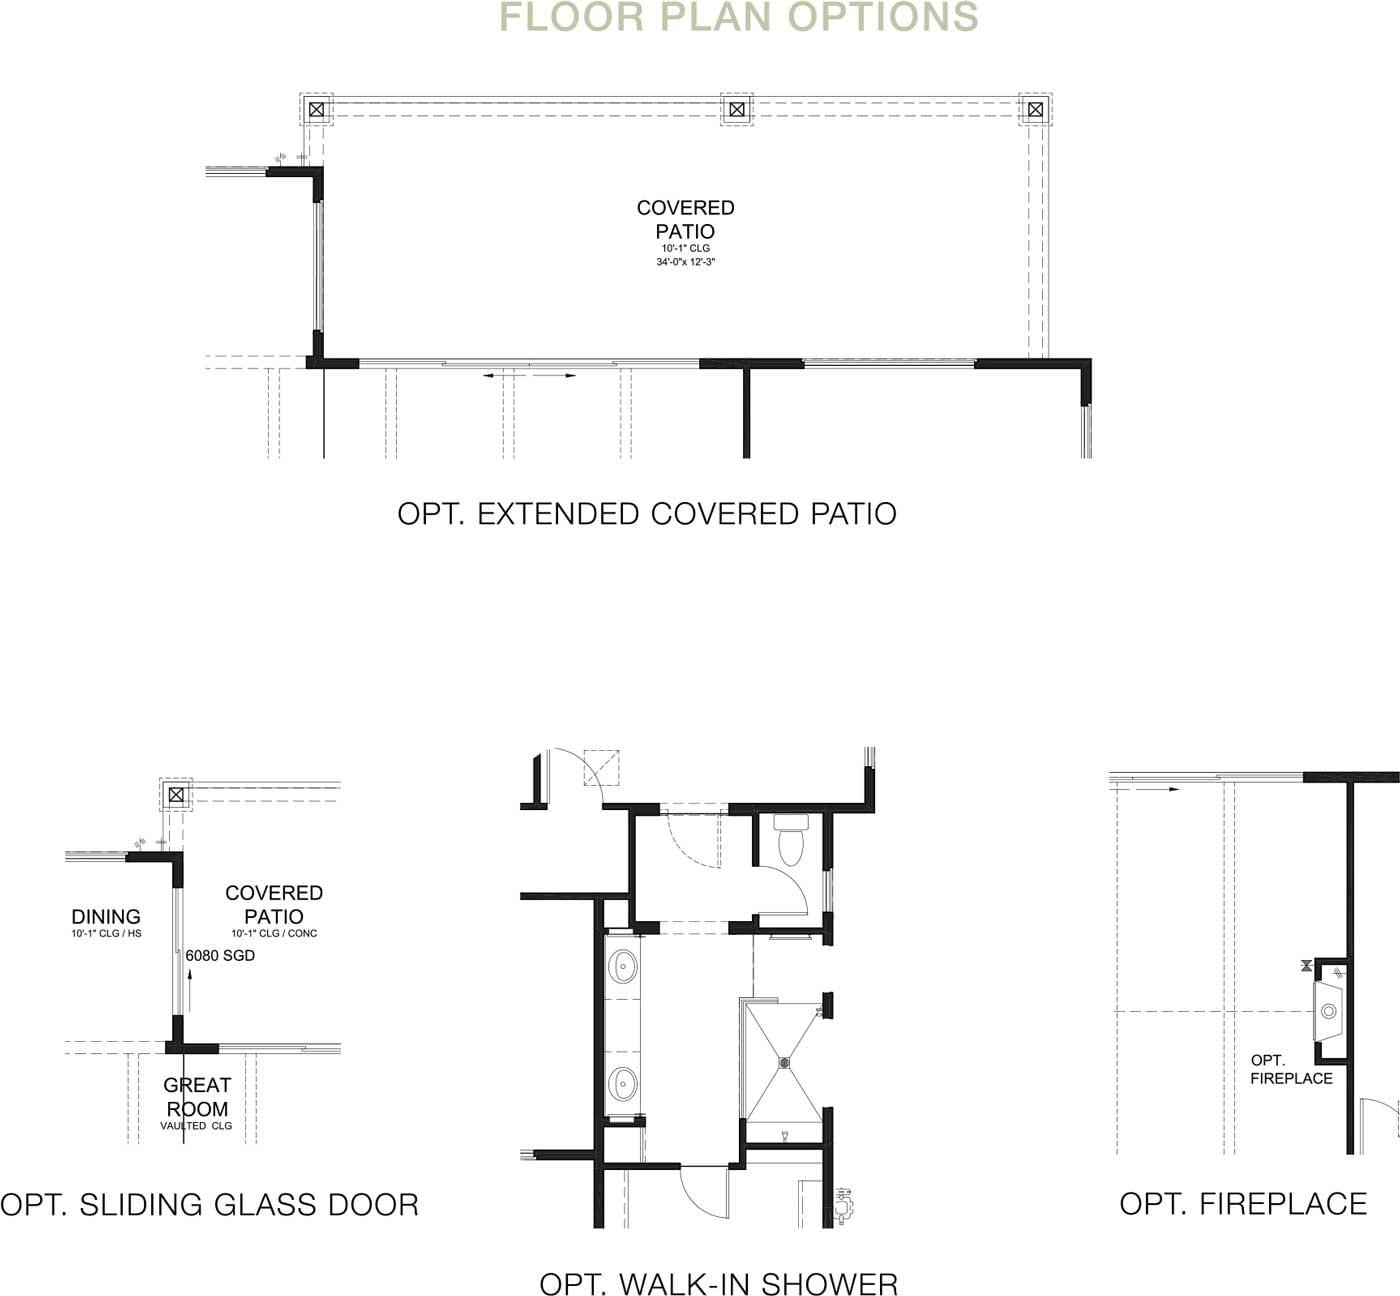 Hacienda Floorplan Options